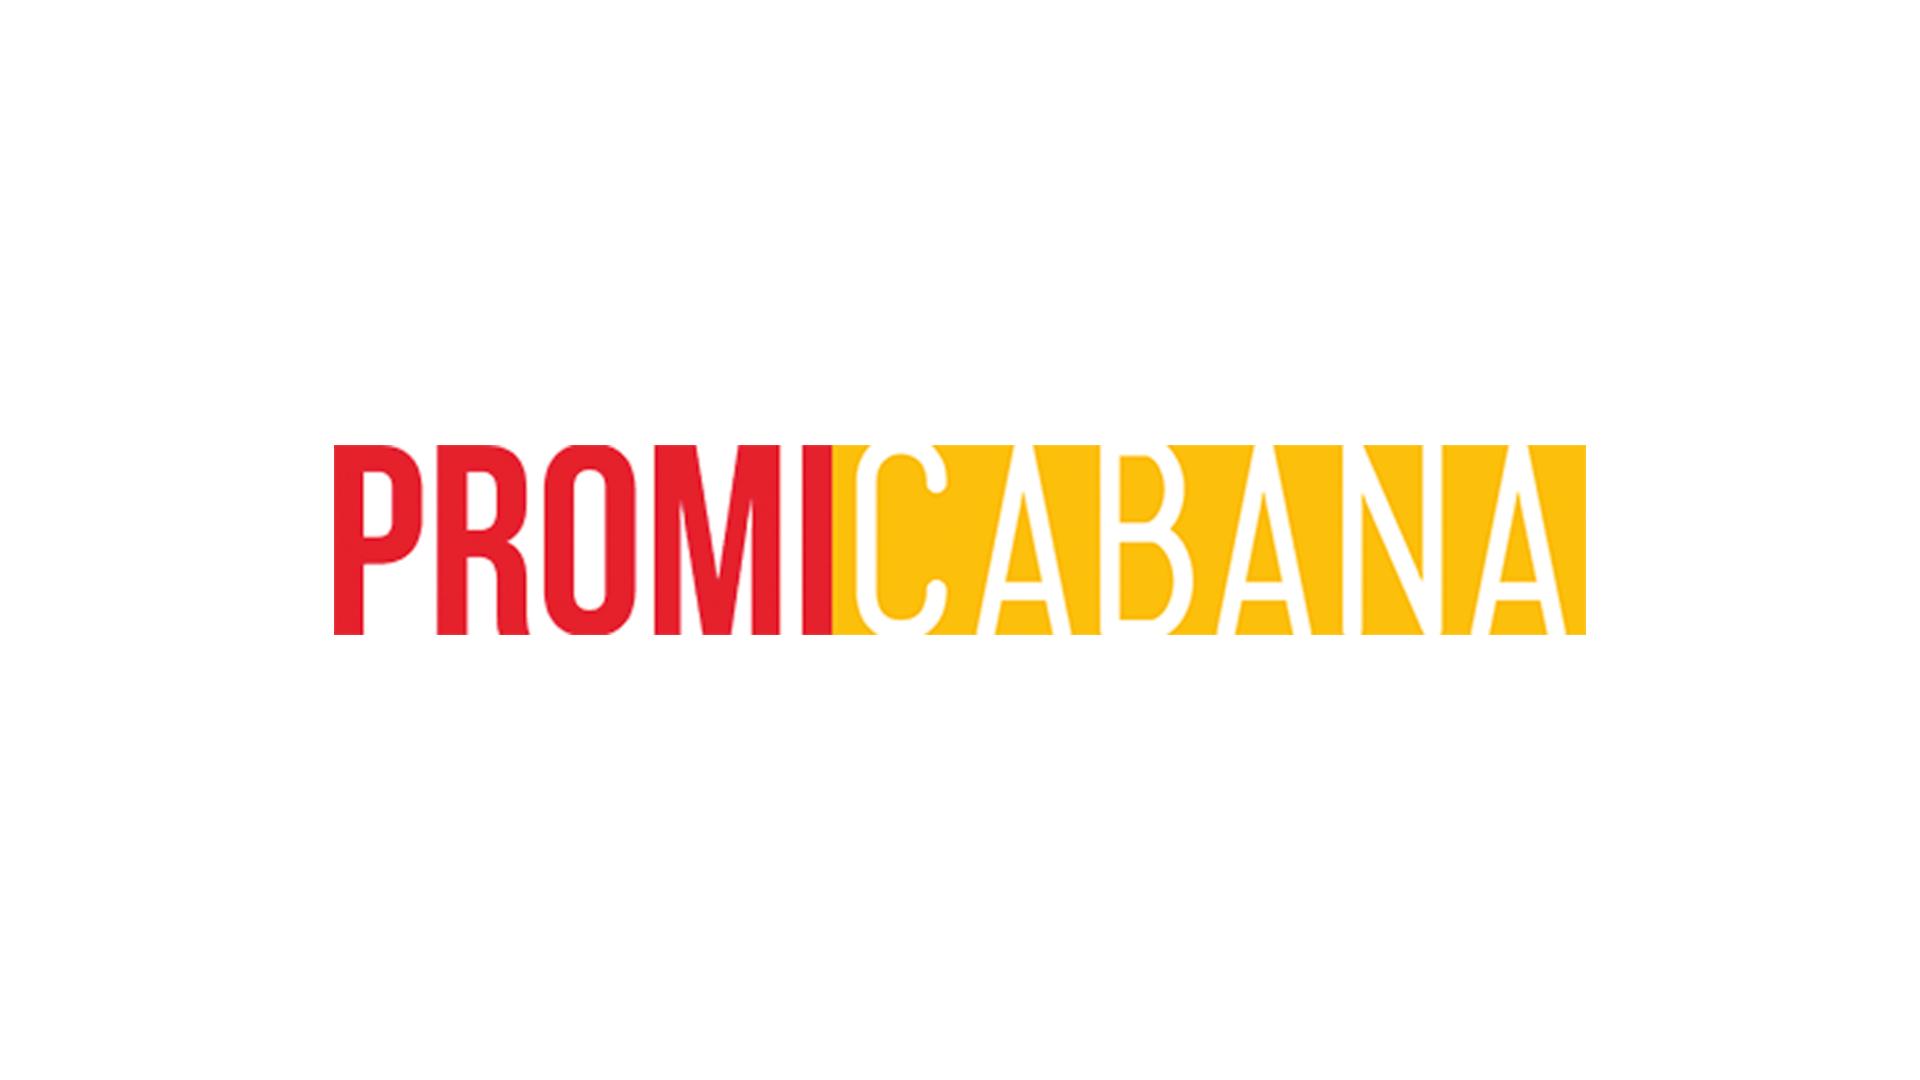 Justin-Bieber-Comedy-Central-Roast-oben-ohne-12